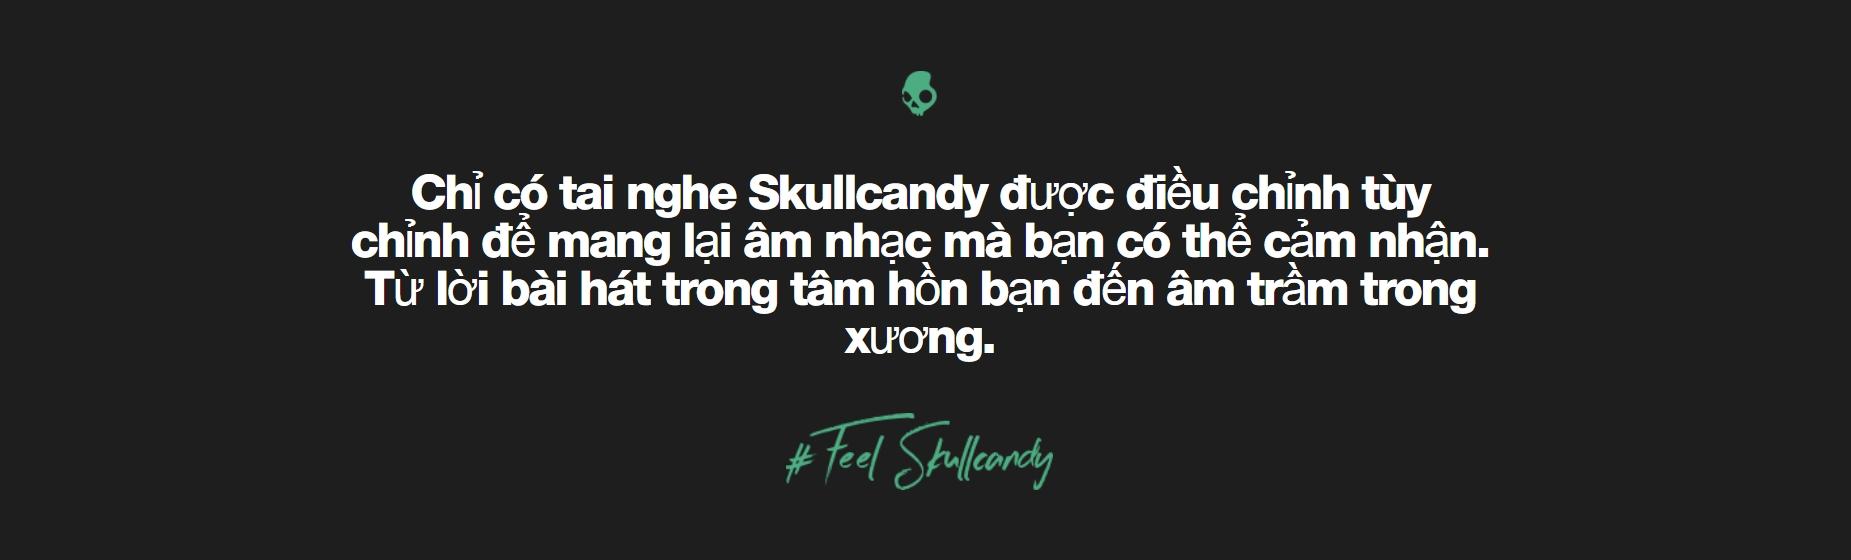 Skullcandy ra mắt phiên bản ANC chống ồn cho tai nghe nhét tai skullcandy Indy và hesh 2021